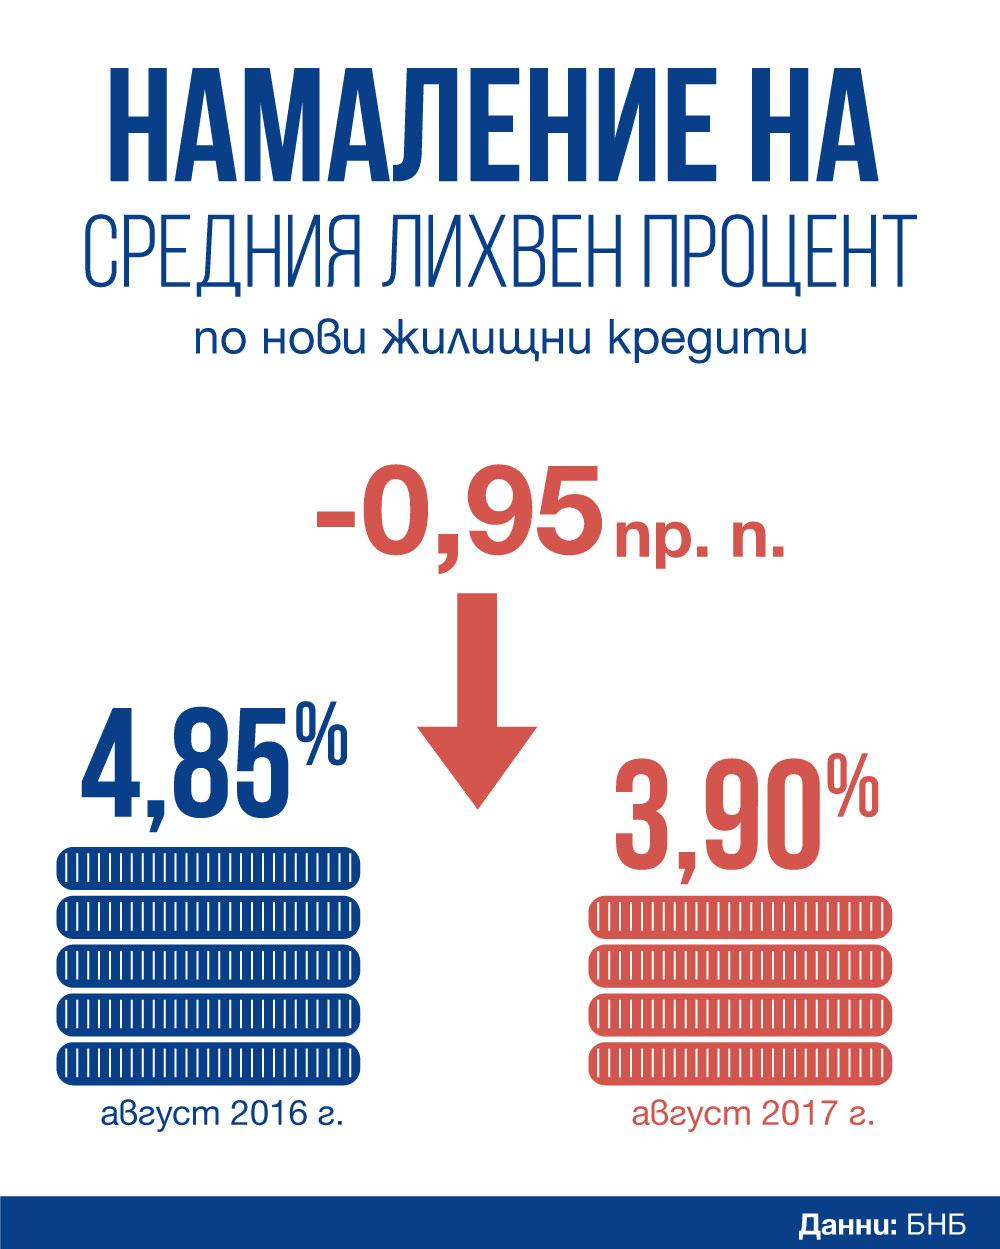 Sreden lihven procent po novi jilishtni krediti-infografika